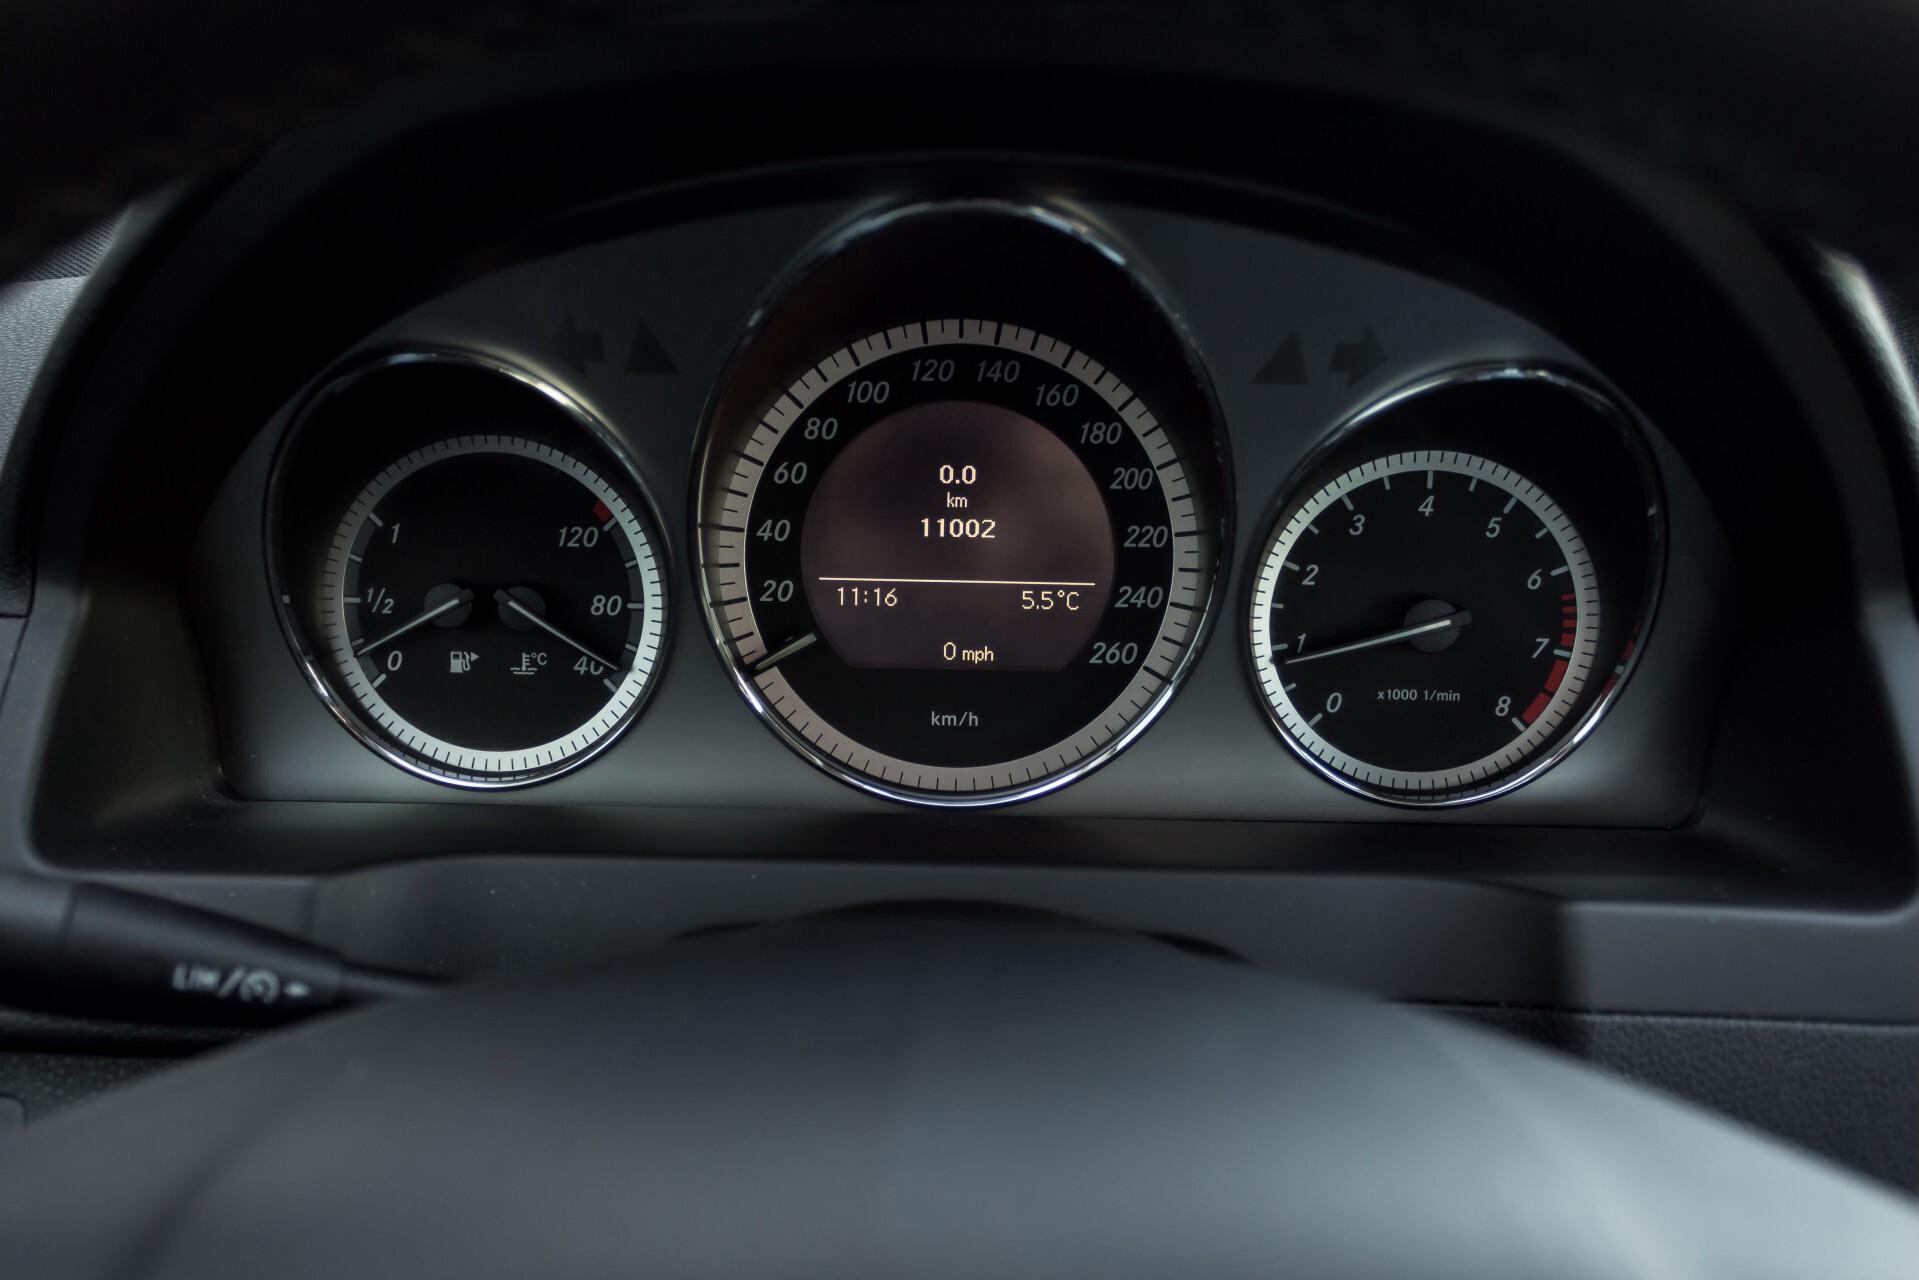 Mercedes-Benz C-Klasse 180 K Avantgarde 1ste eigenaar/NL geleverd/Dealer onderhouden/Volledig gedocumenteerd Foto 10